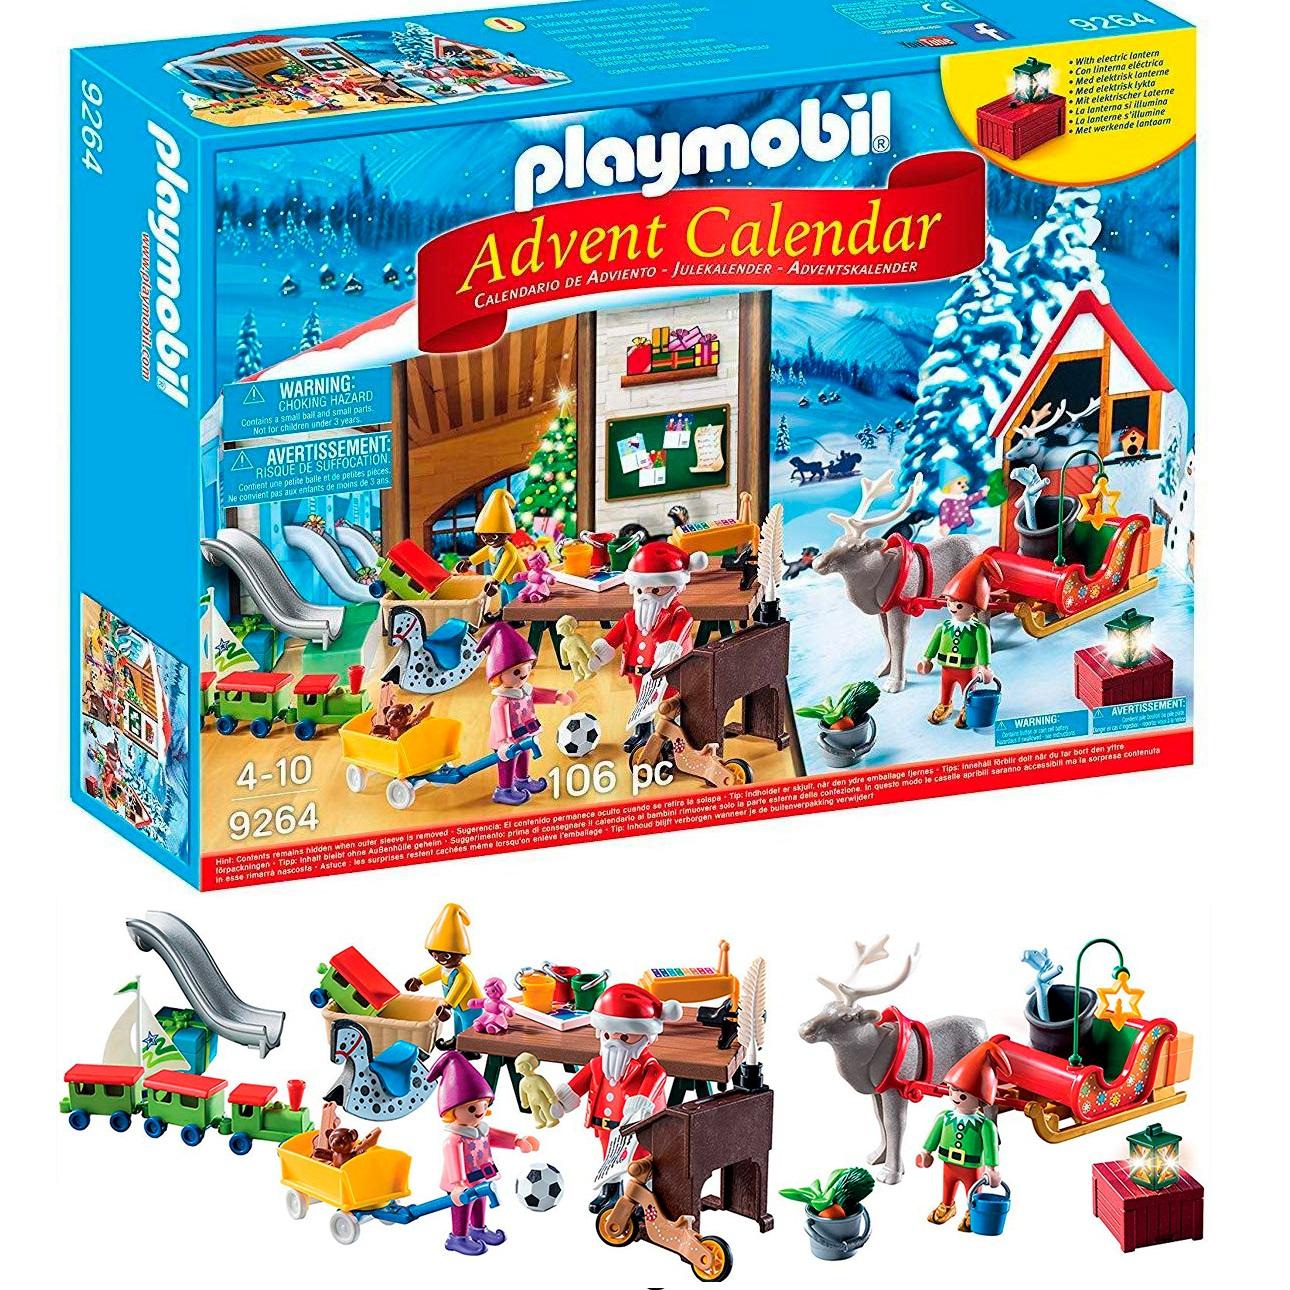 Calendrier L Avent Playmobil.Calendrier De L Avent Playmobil Enfants Avant J Etais Riche